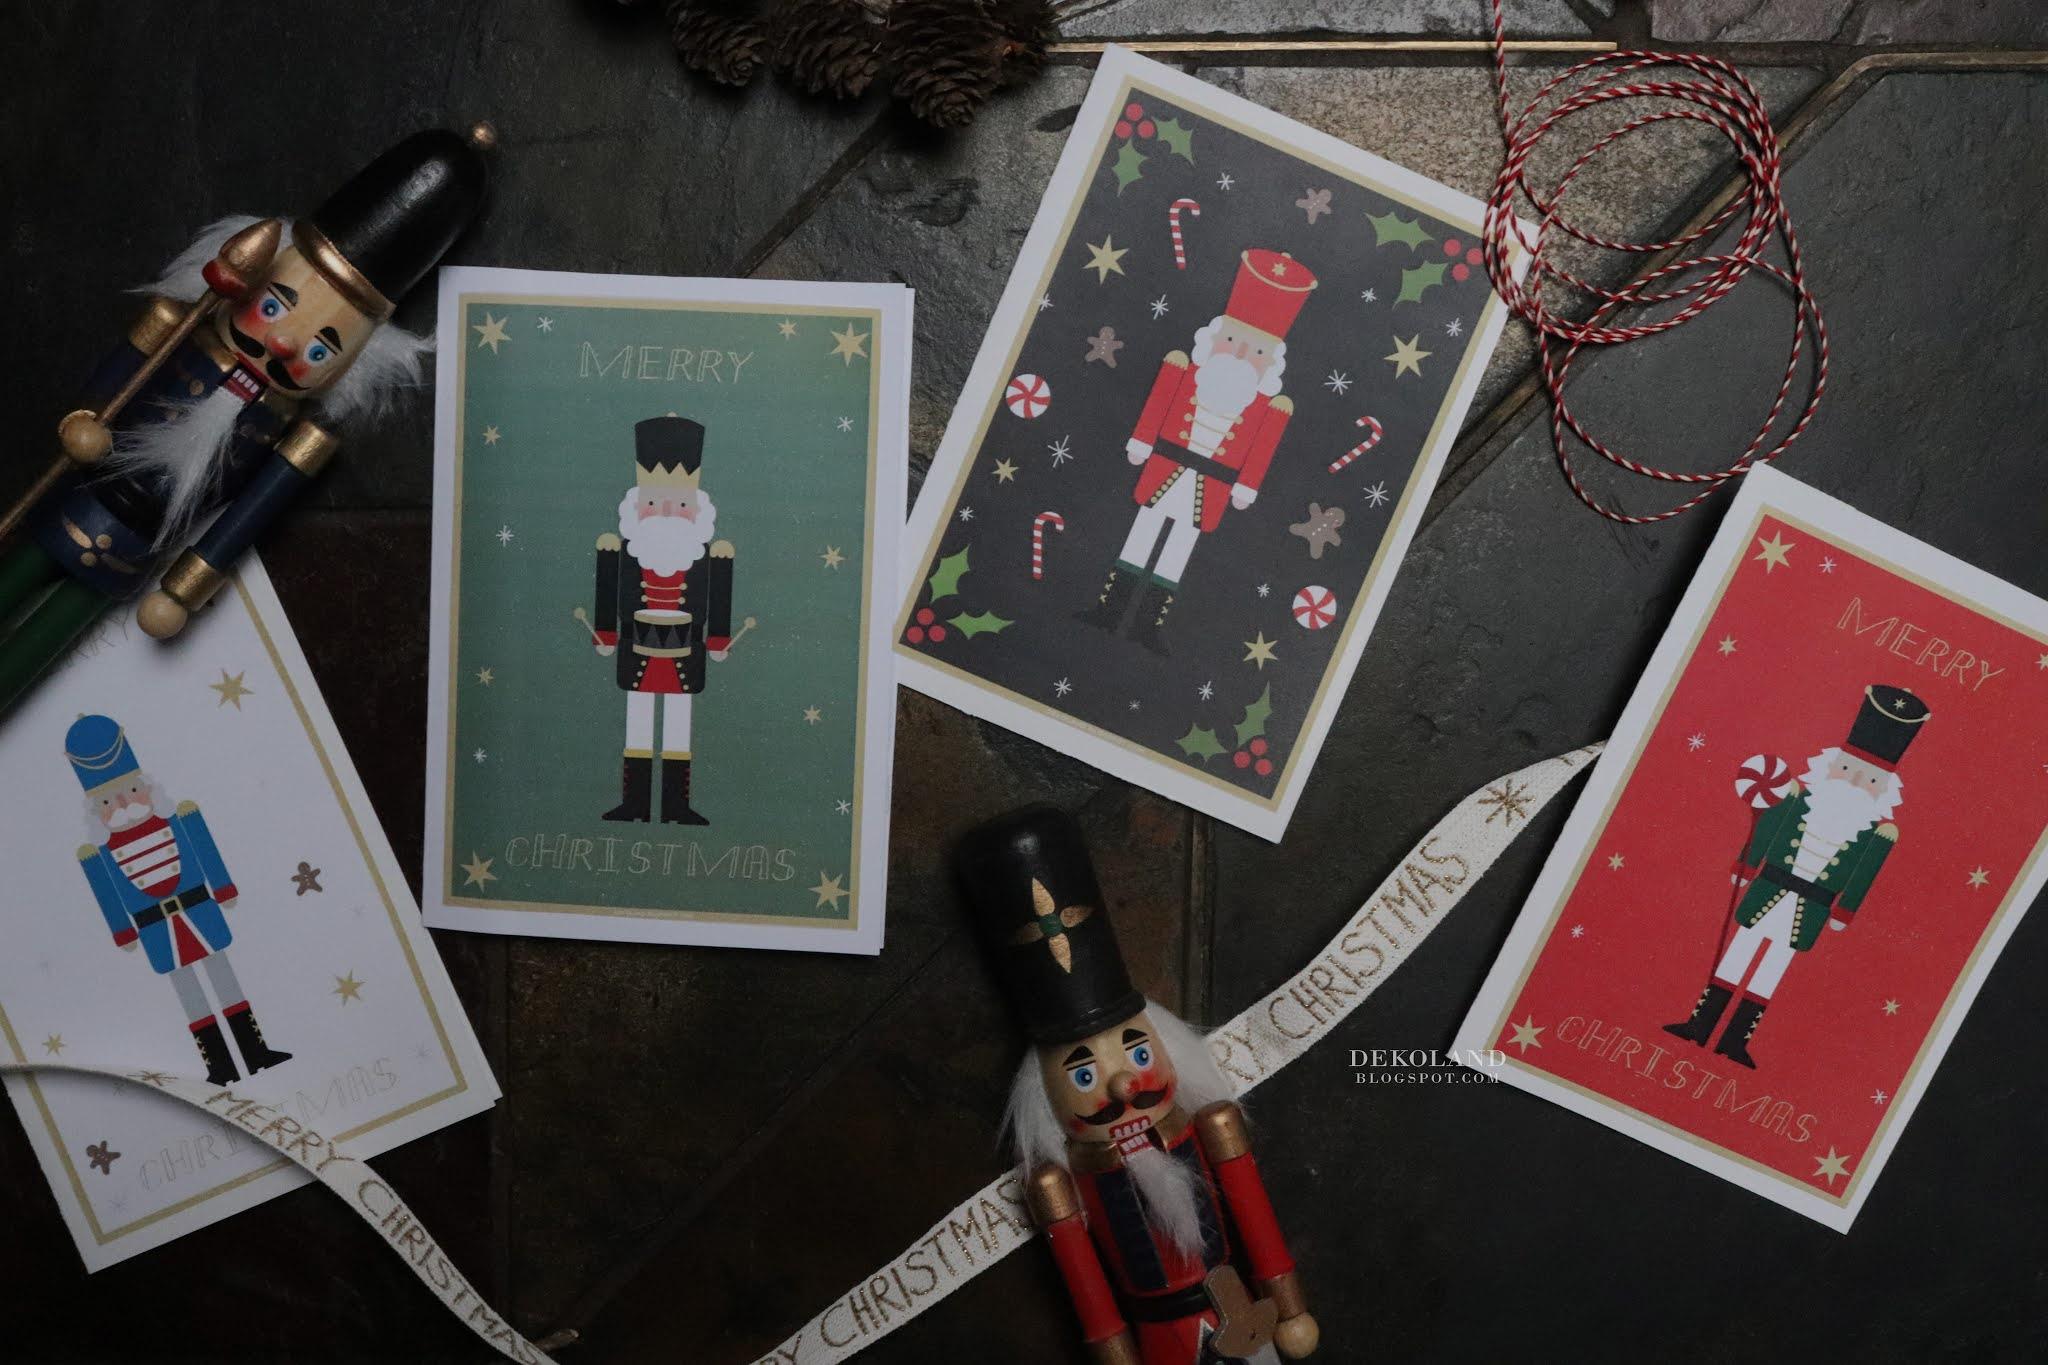 Nutcracker Card - świąteczne kartki do druku - Dziadek do orzechów